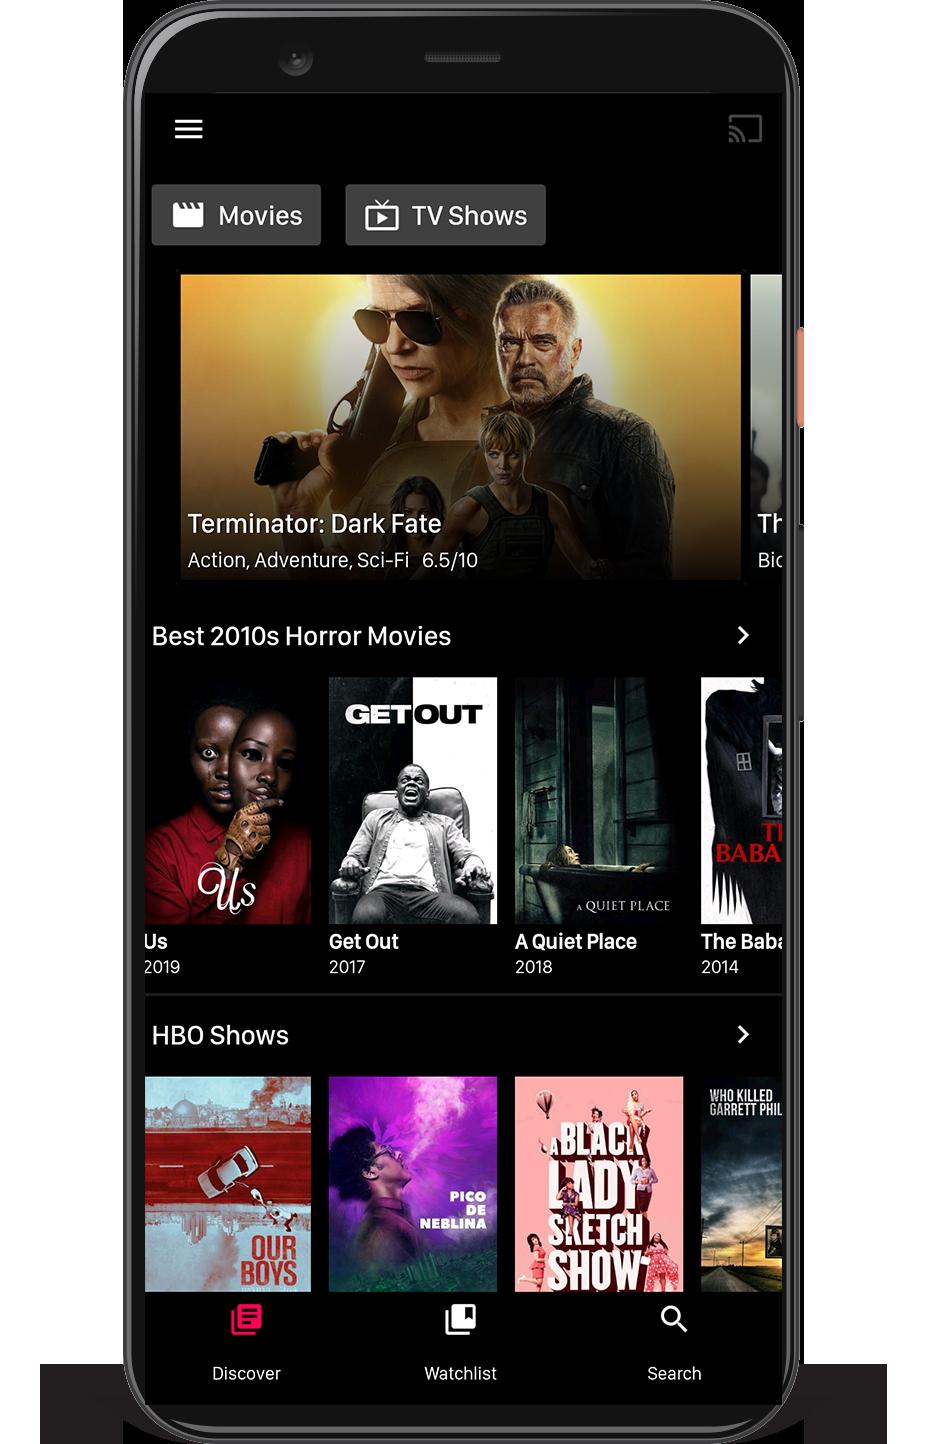 VivaTV - Download Viva TV apk app for Android, FireStick & FireTV 8